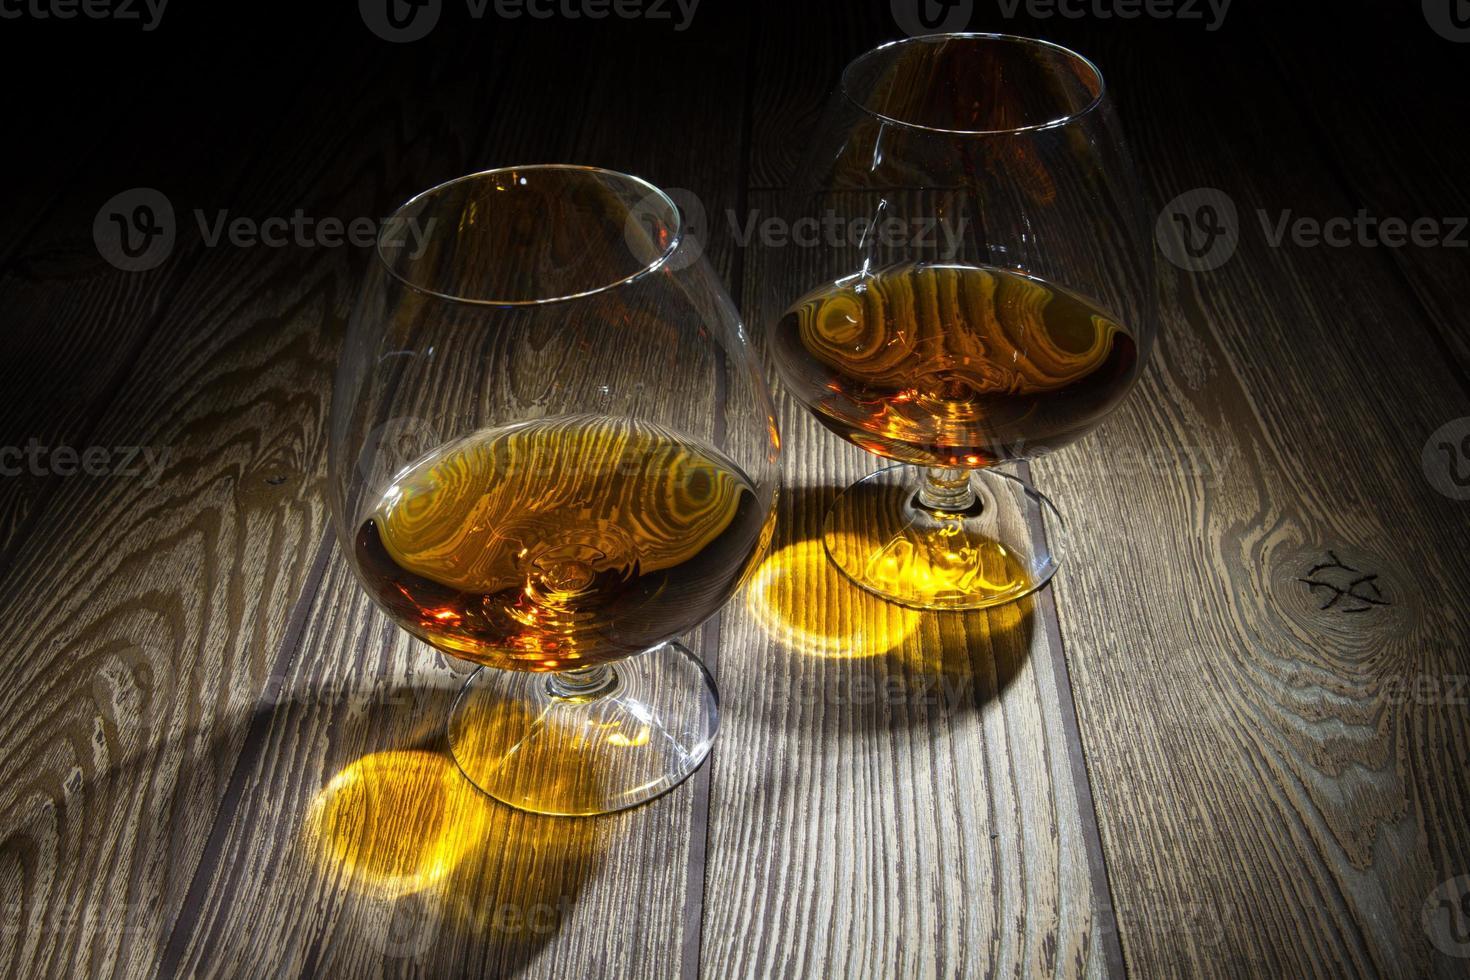 deux verres de cognac photo